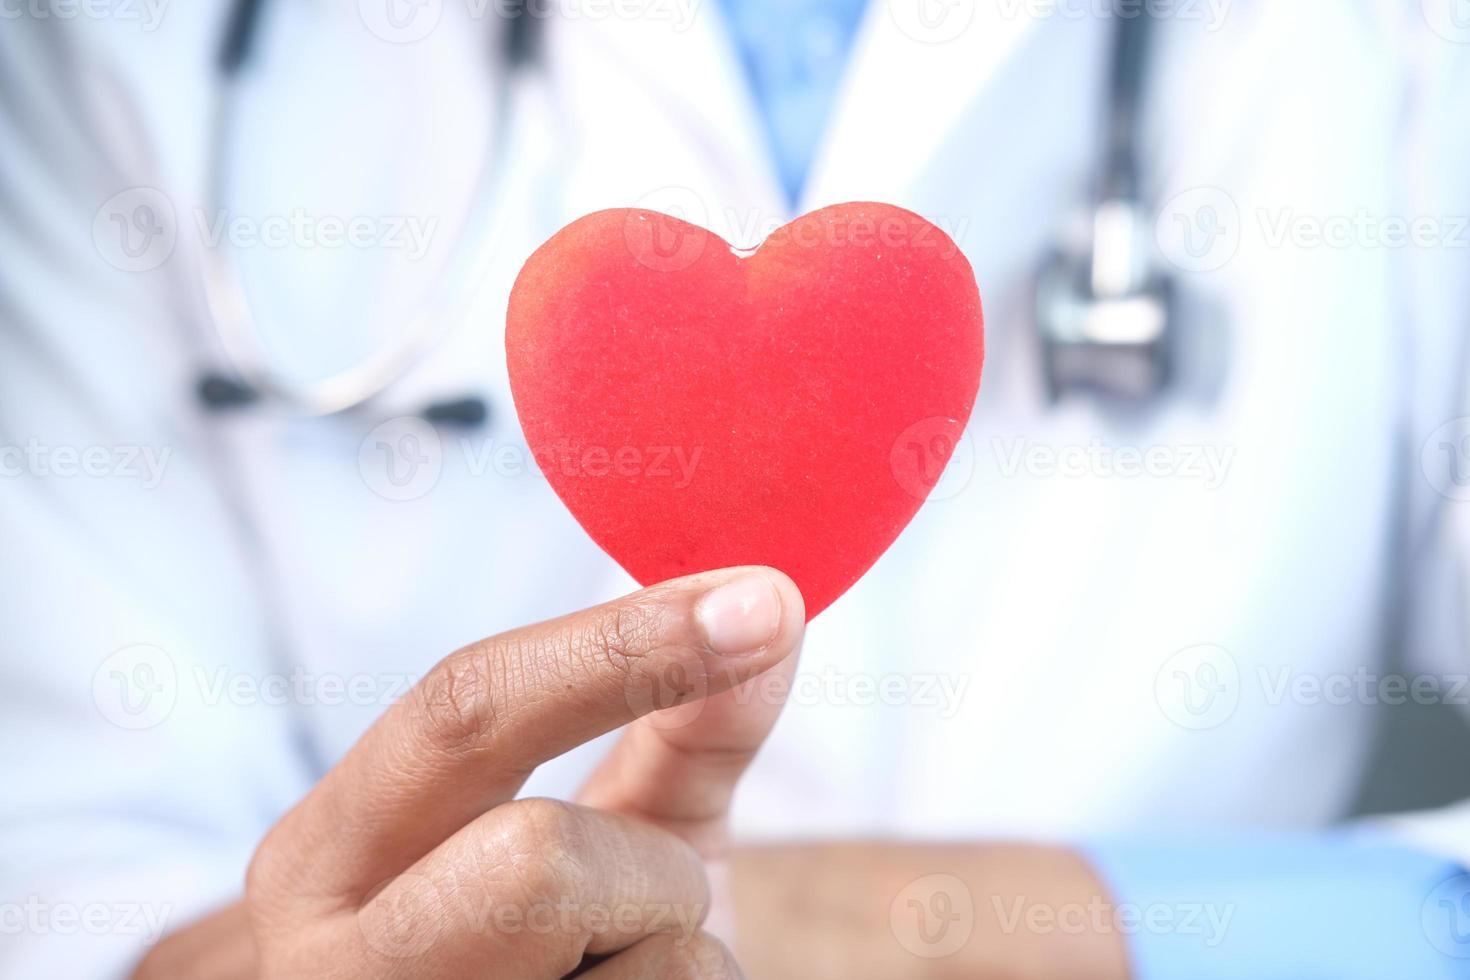 doktors hand som håller ett rött hjärta, närbild foto